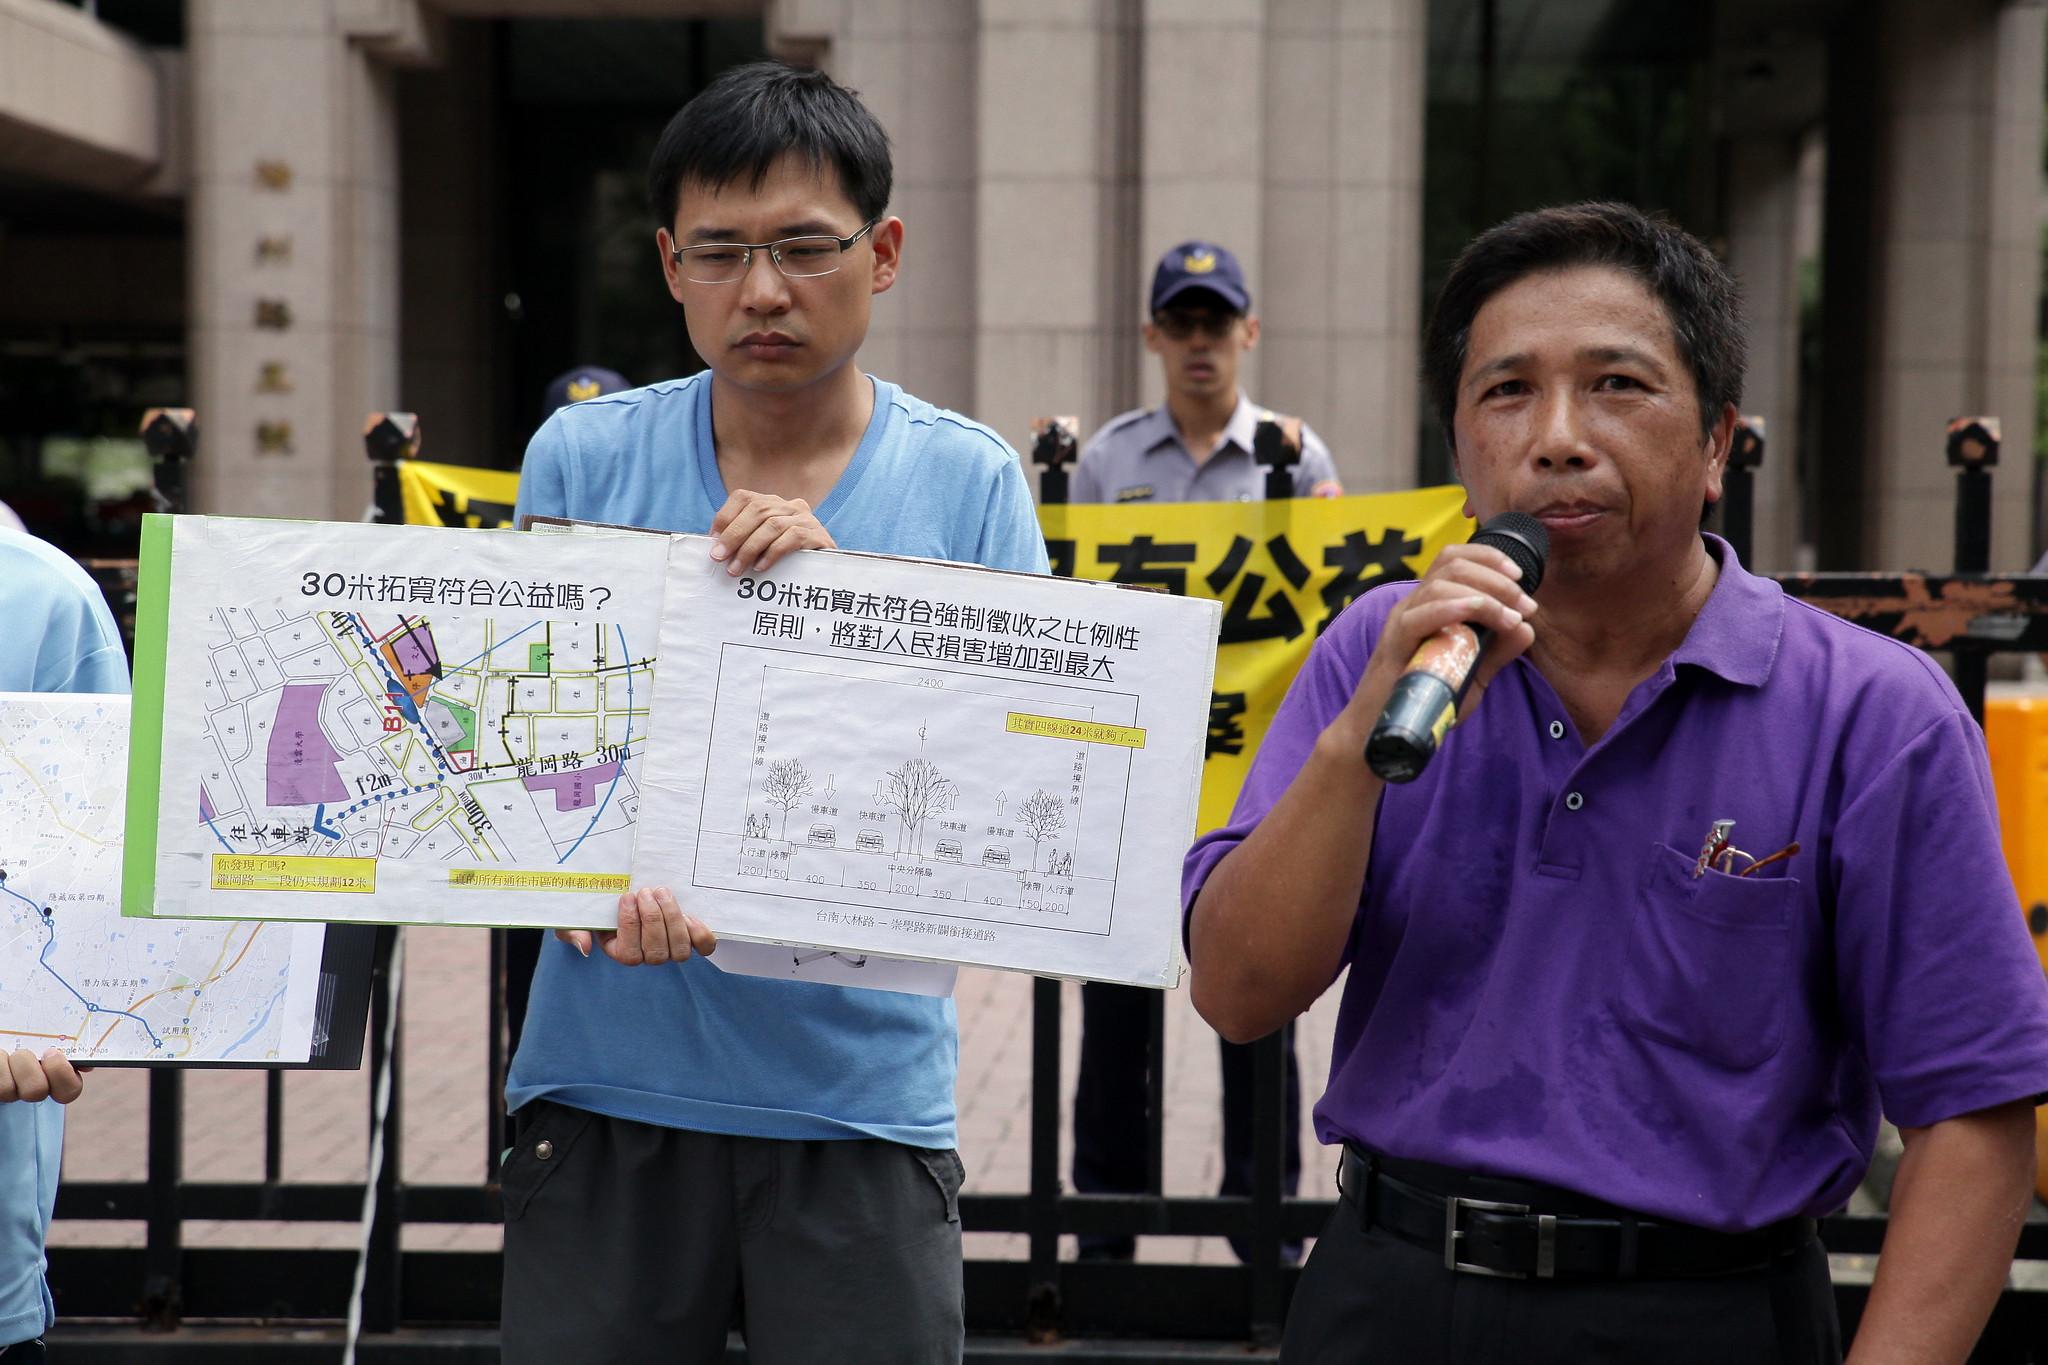 李先生(左)強調,居民不同意這個建設案的主要原因是,道路拓寬方案並不合理,為了一個不合理的建設案,來影響周邊居民的生活空間,在場居民(圖右)住房變小後,大呼「老婆、兒子要搬去哪裡?」(攝影:陳逸婷)